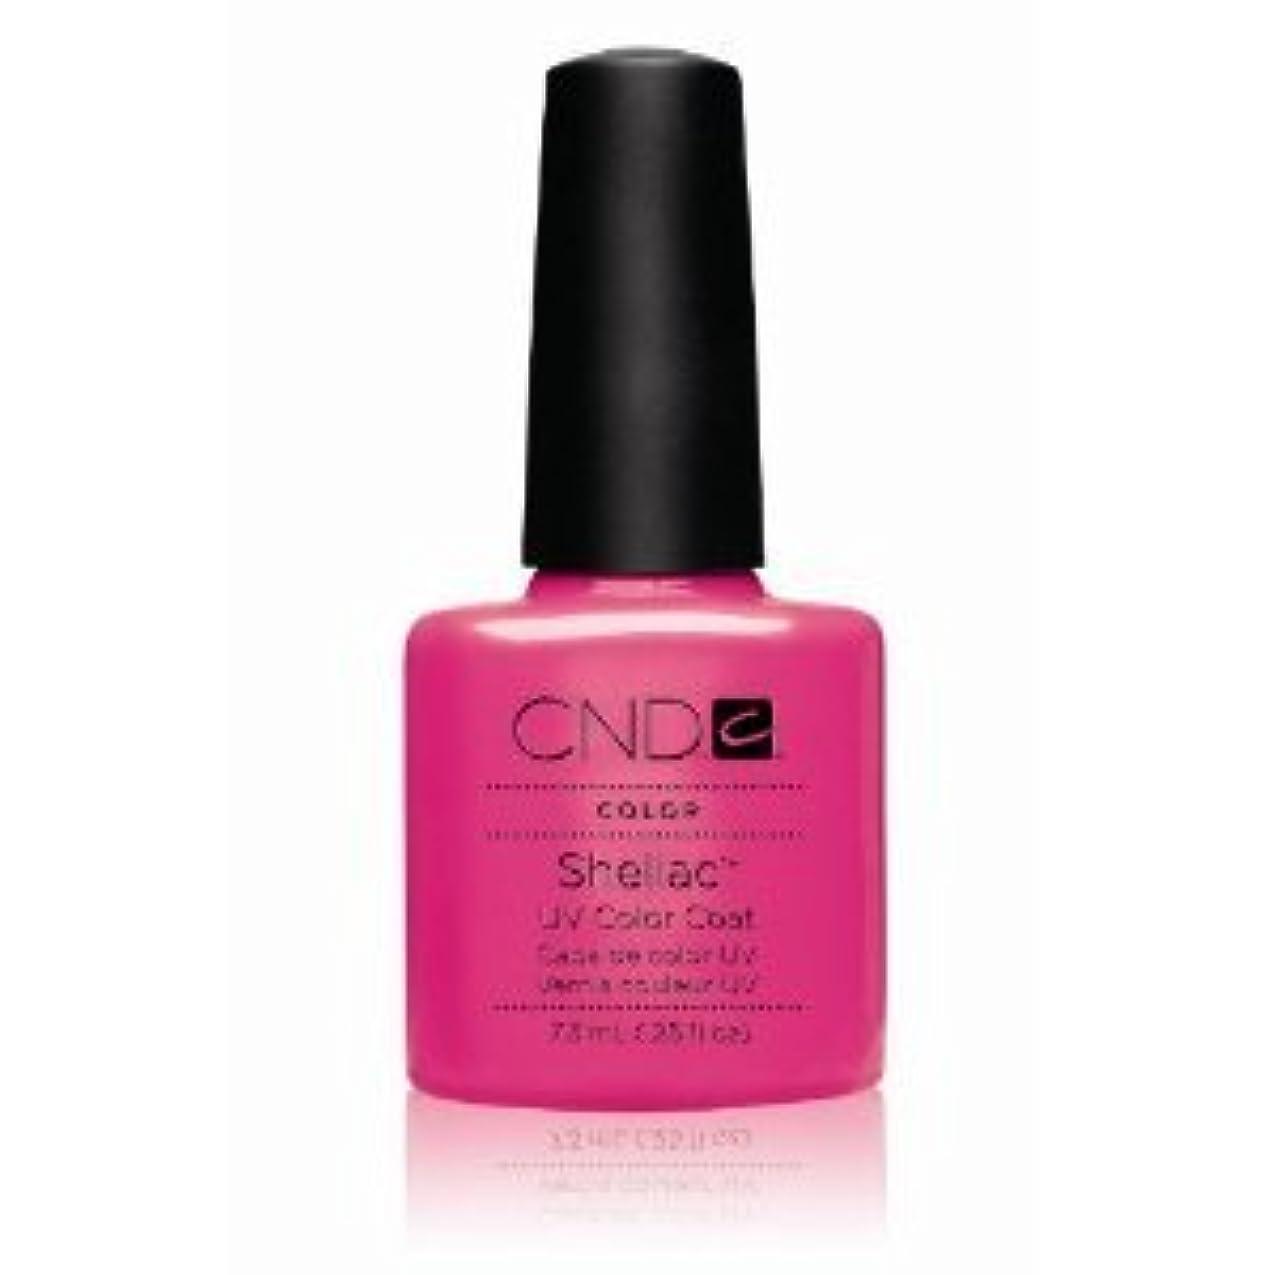 概して夜保存CND(シーエヌディー) シェラック UVカラーコート7.3mL 519 Hot Pop Pink(マット) [並行輸入][海外直送品]